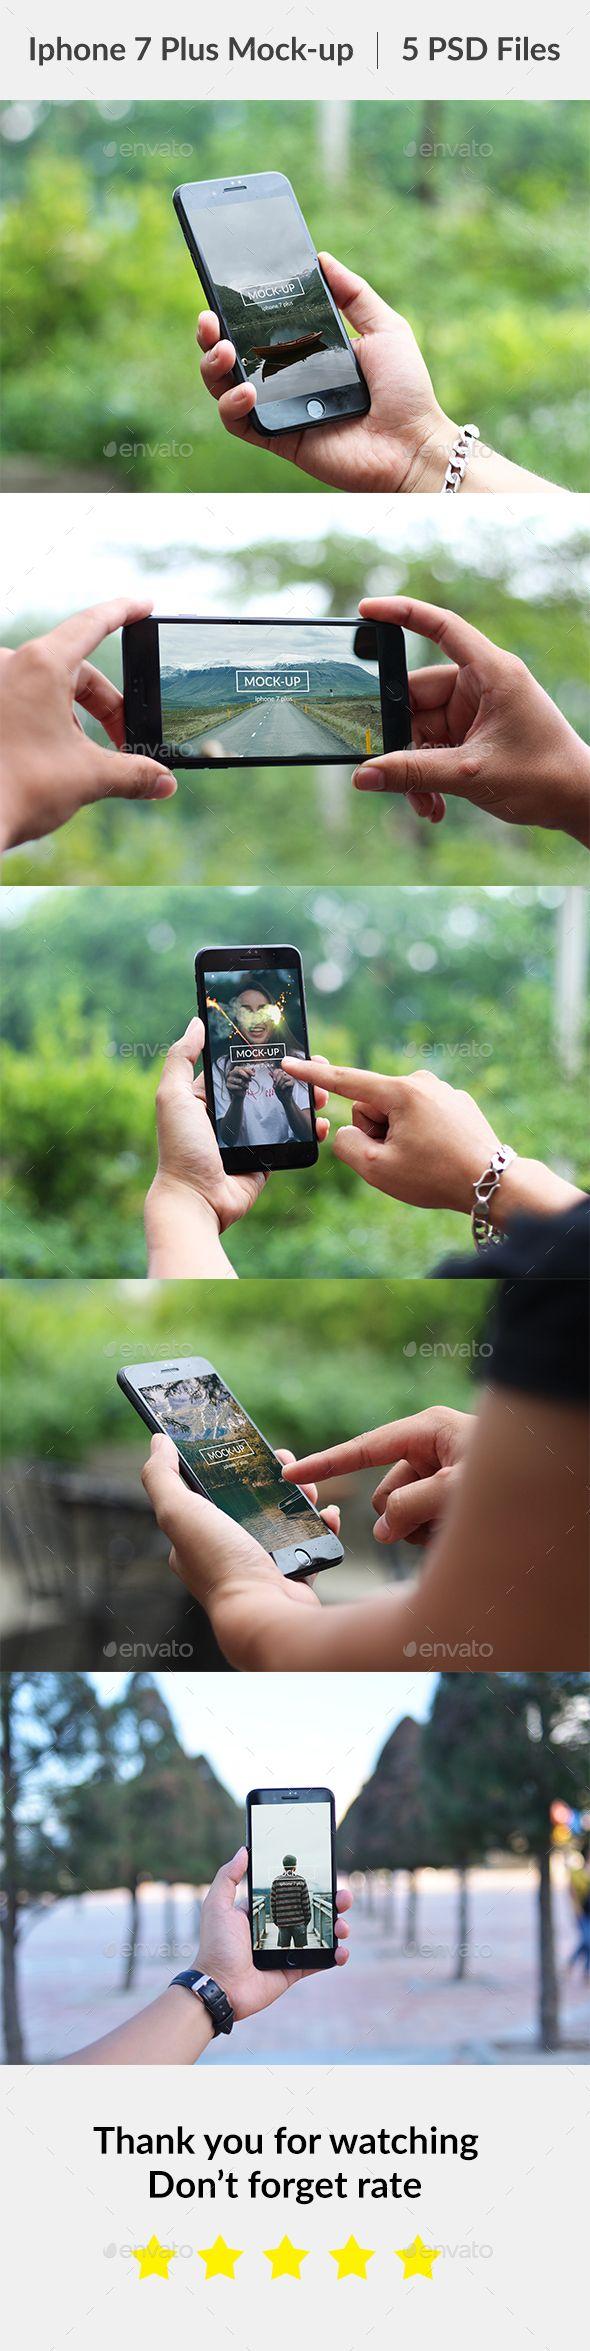 Phone 7 Plus Hand on Mockup